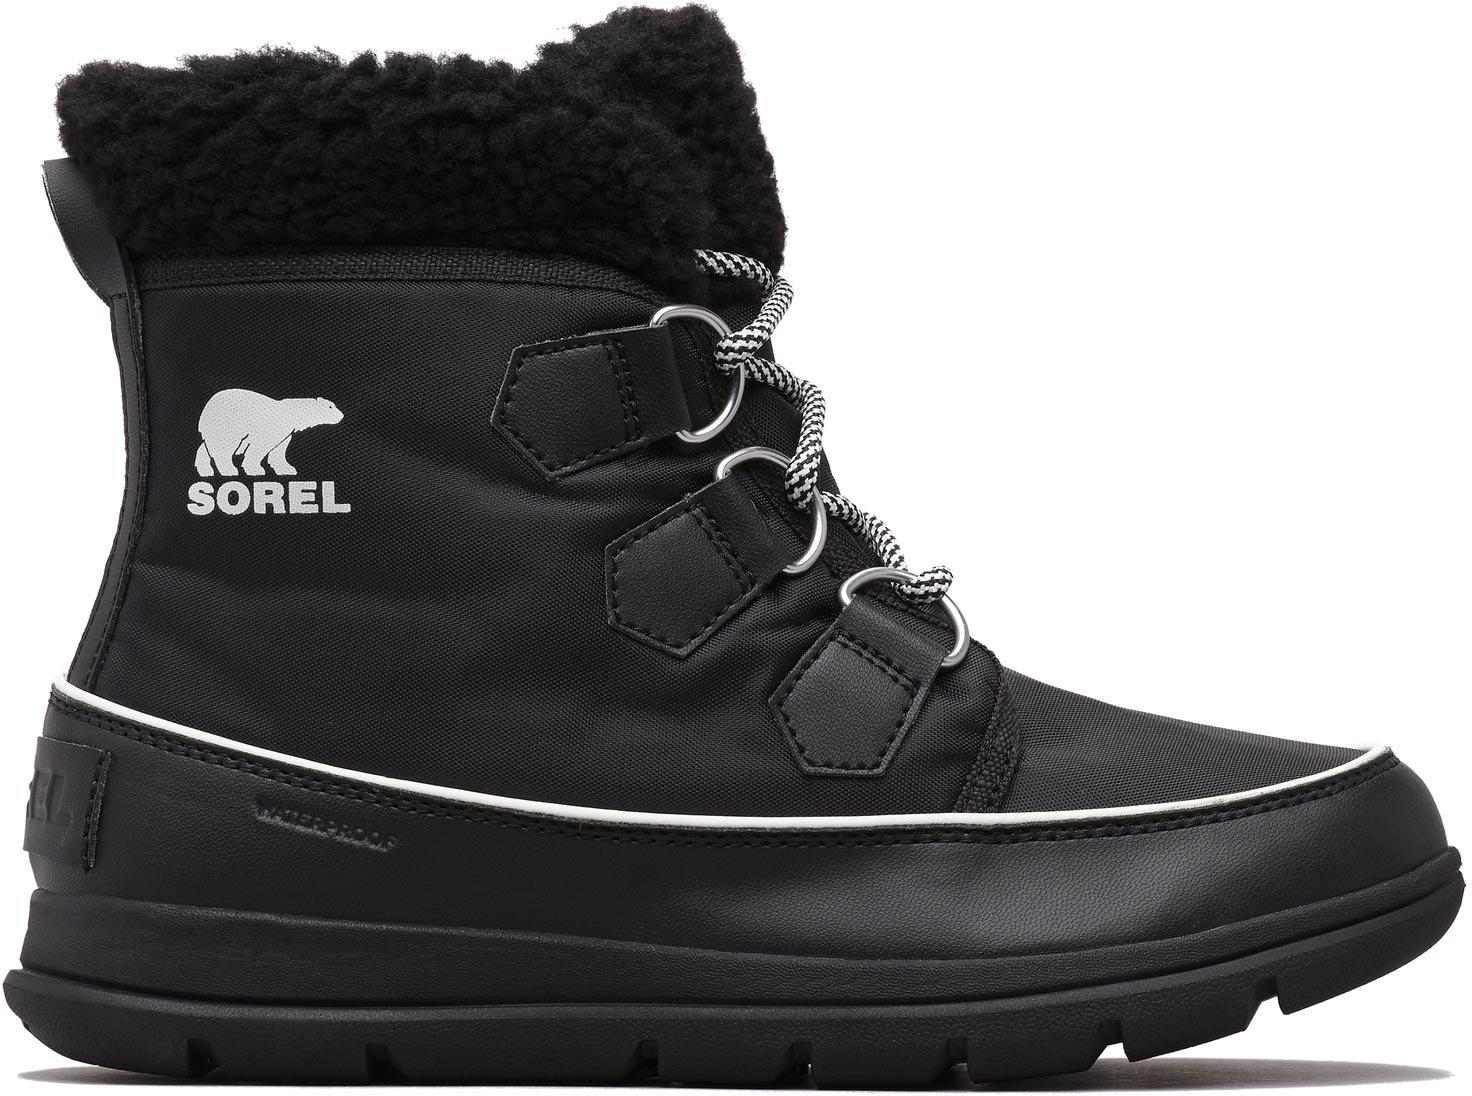 Damska obuv sorel velikost 42  da88c9f5f6